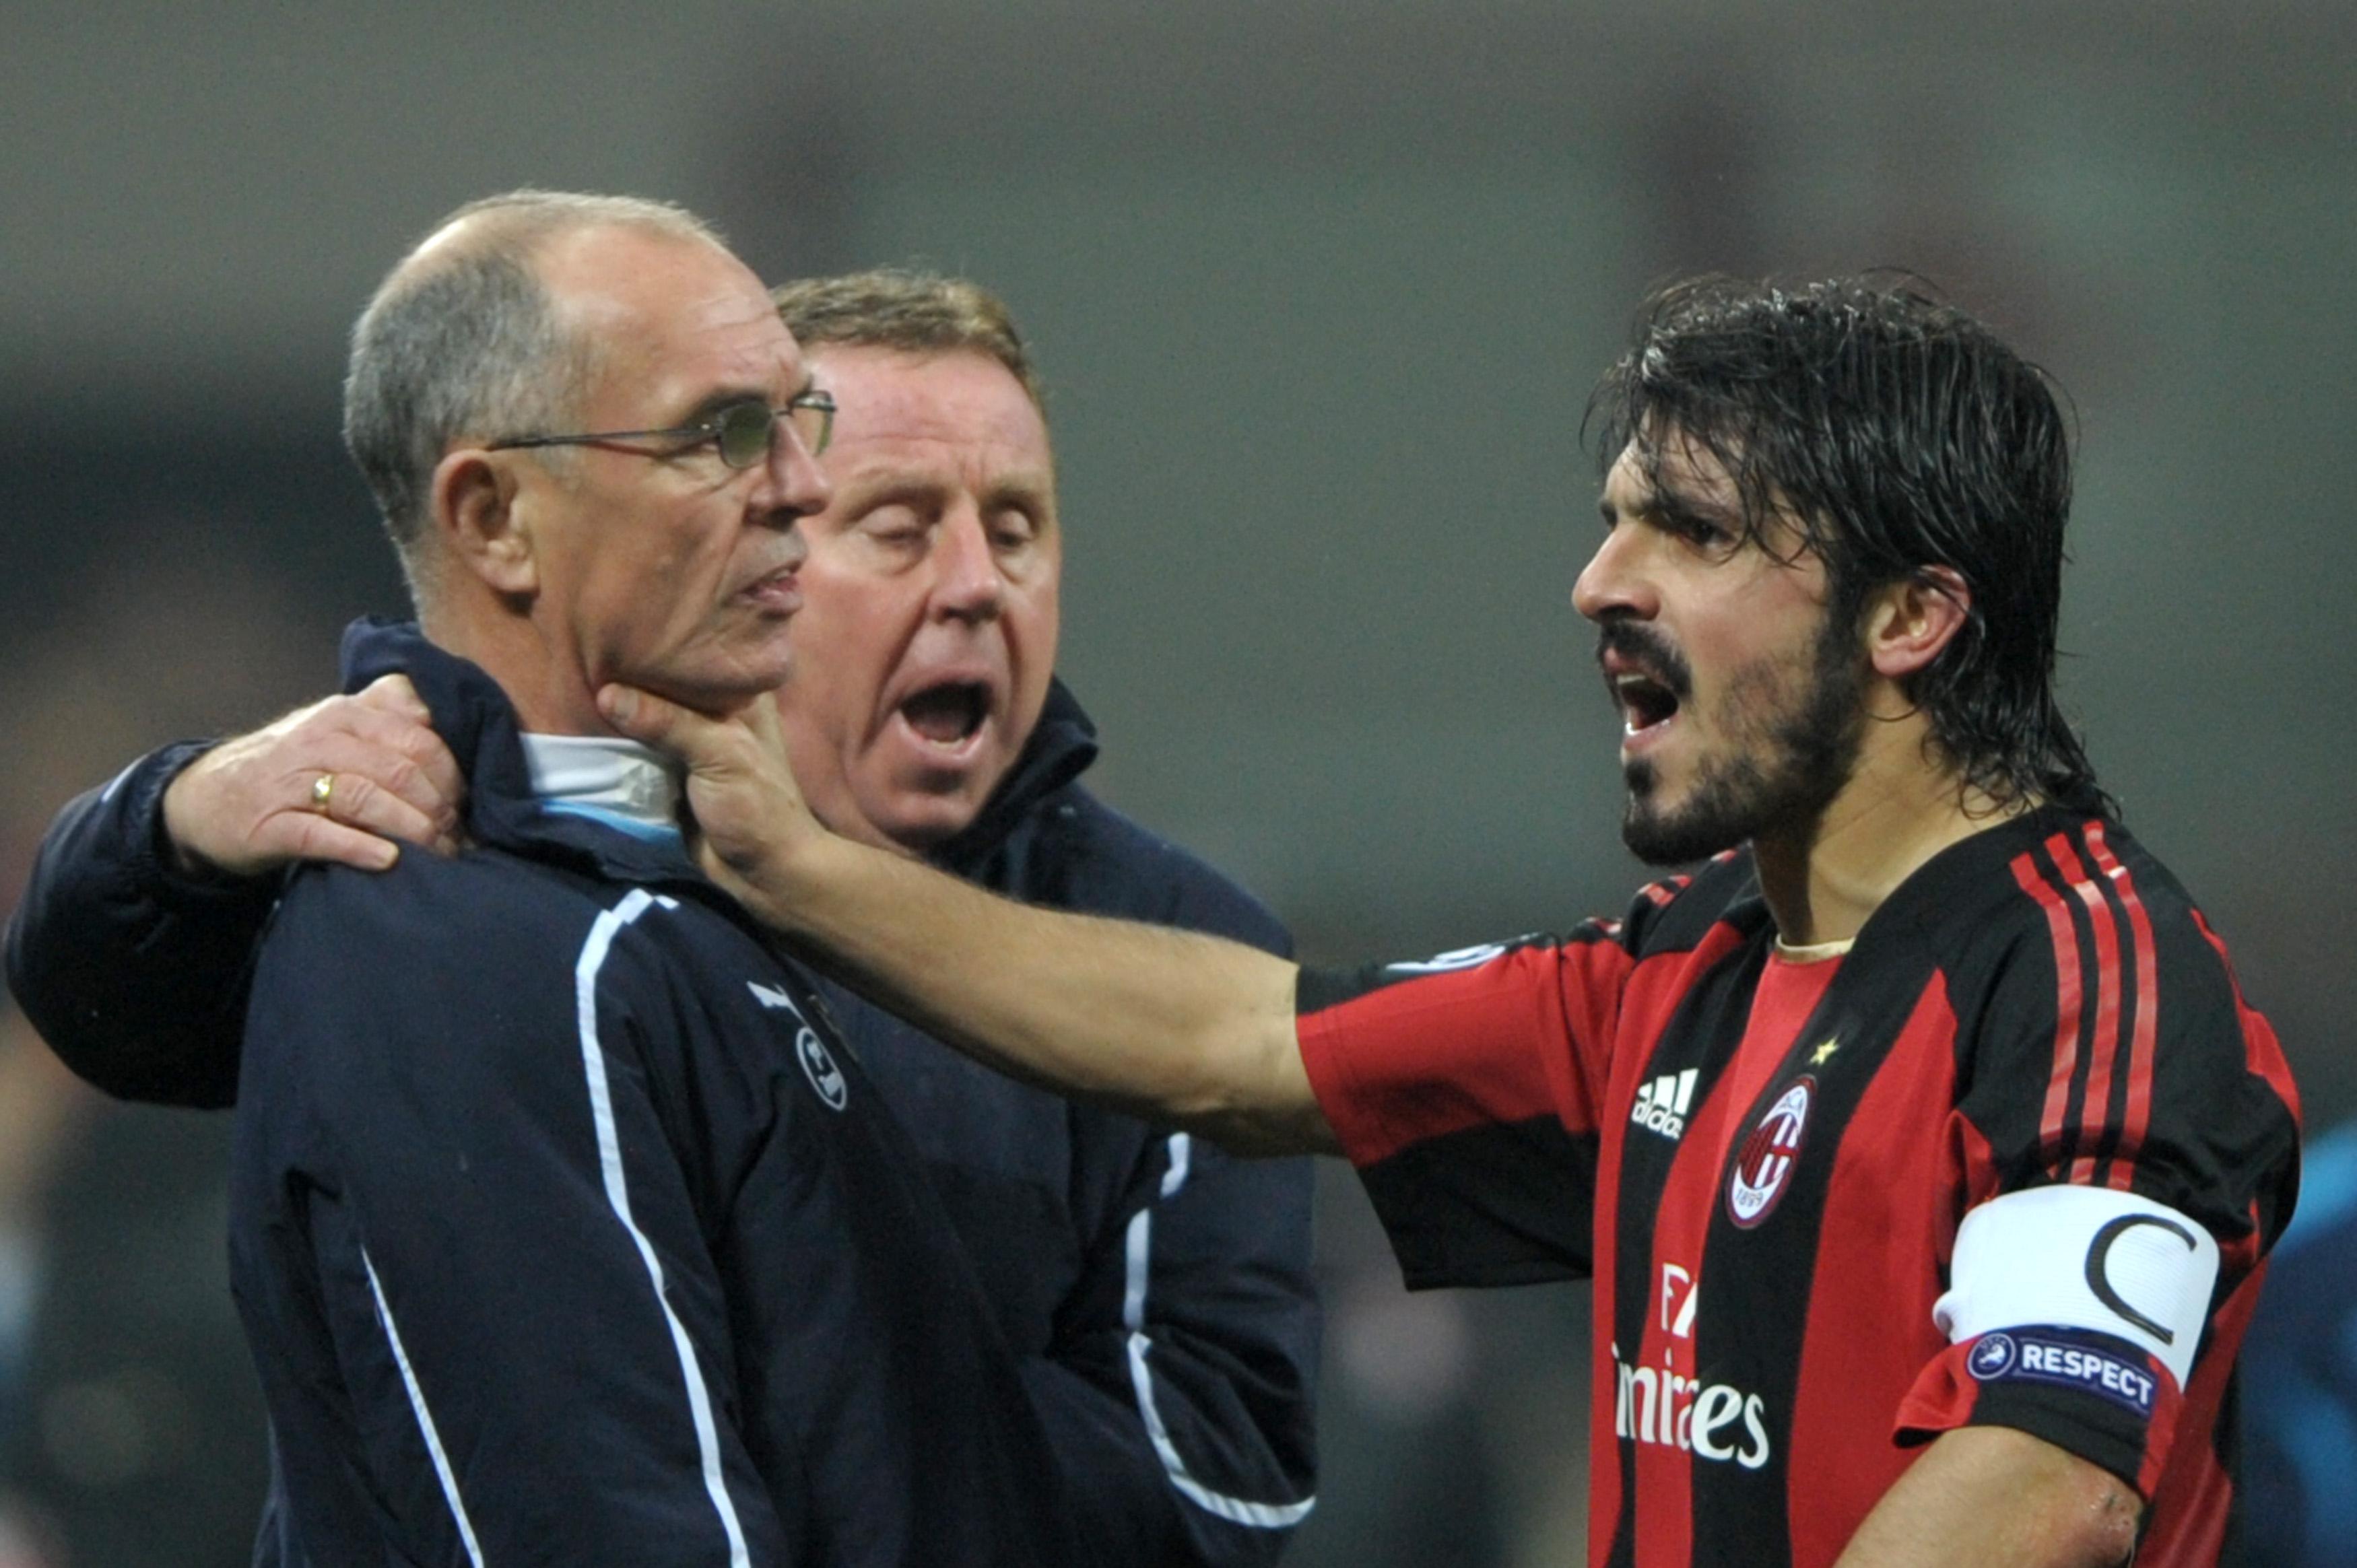 10 лет назад Дженнаро Гаттузо устроил массовую драку с «Тоттенхэмом»: схватил за шею тренера и ударил головой